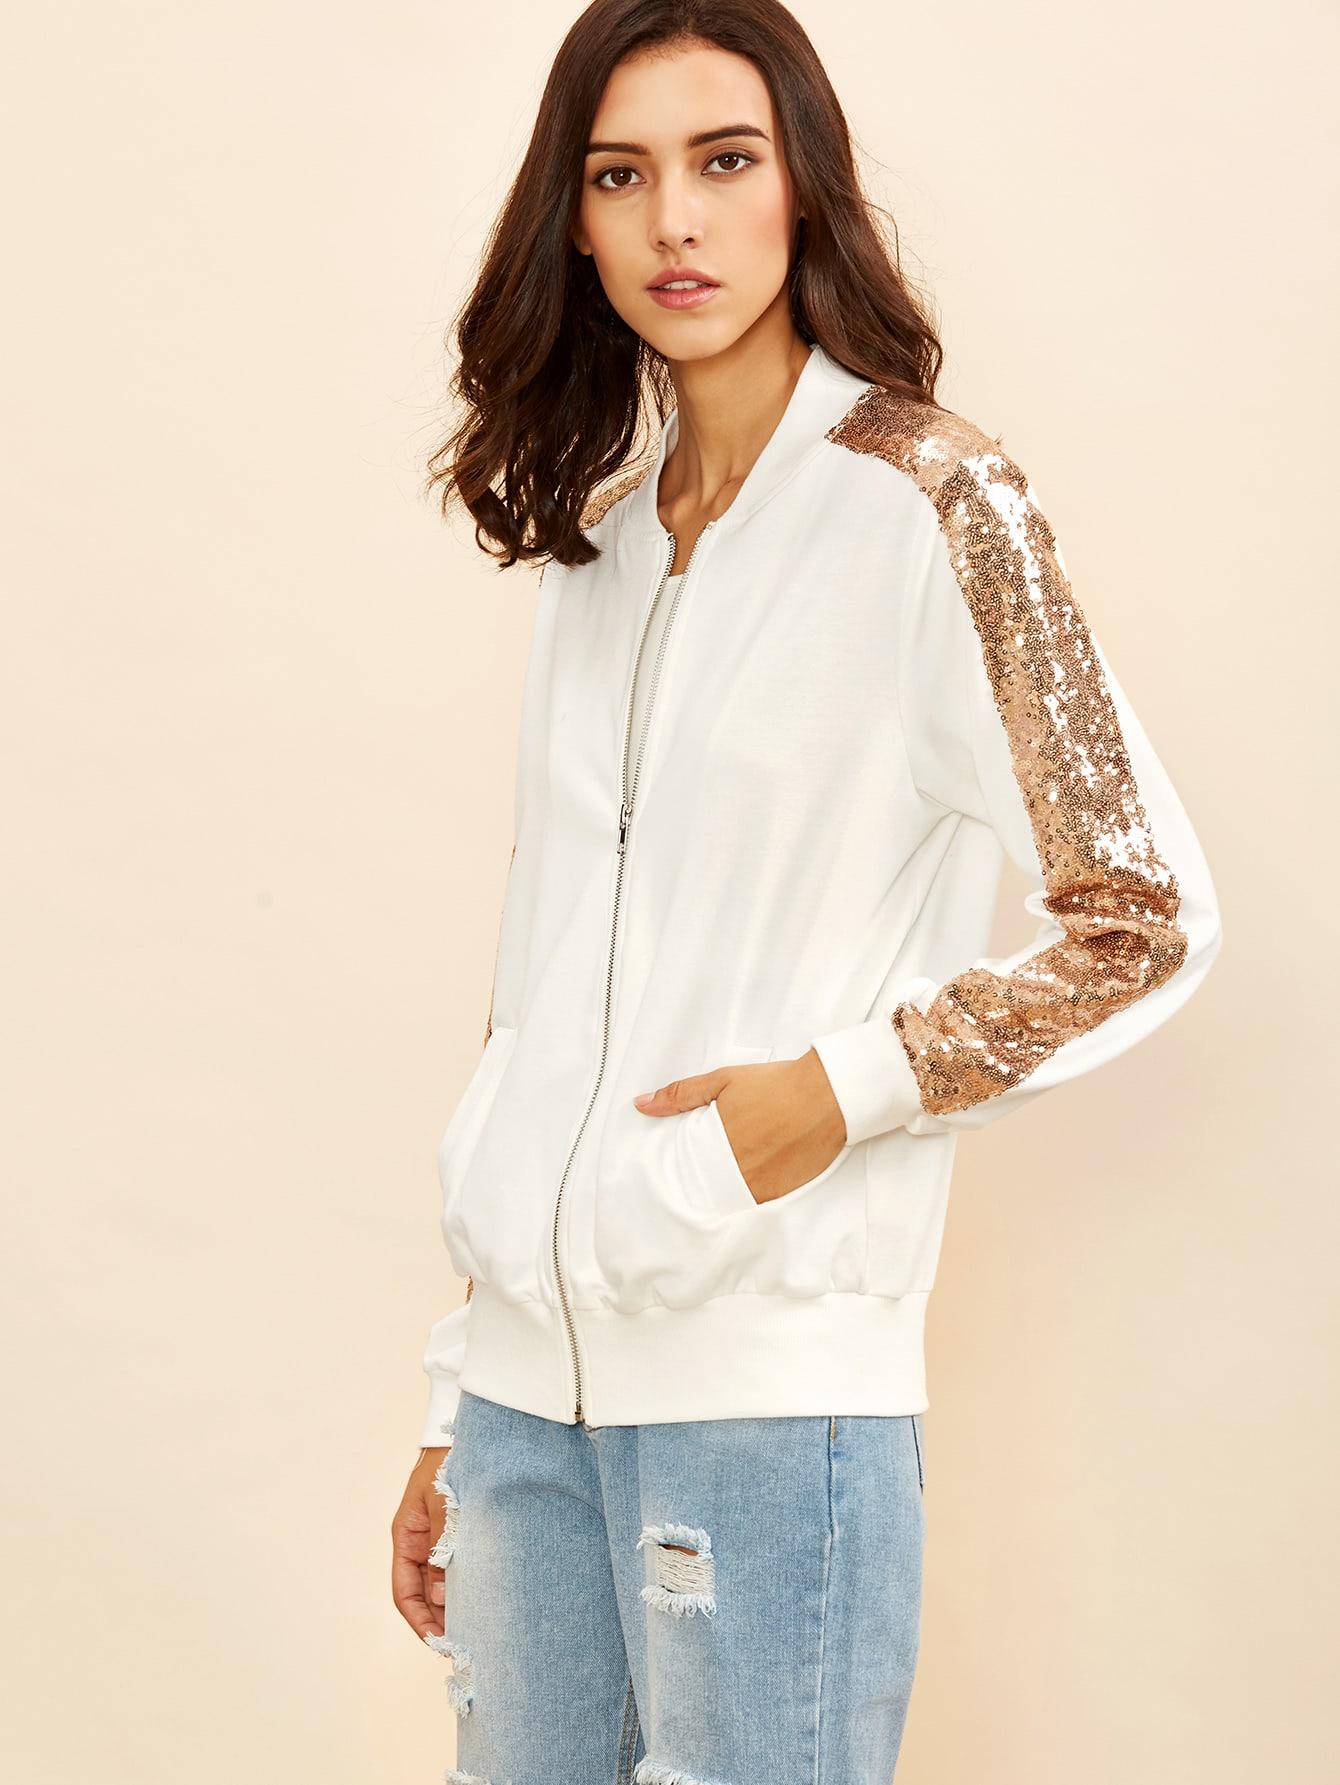 jacket160916705_2